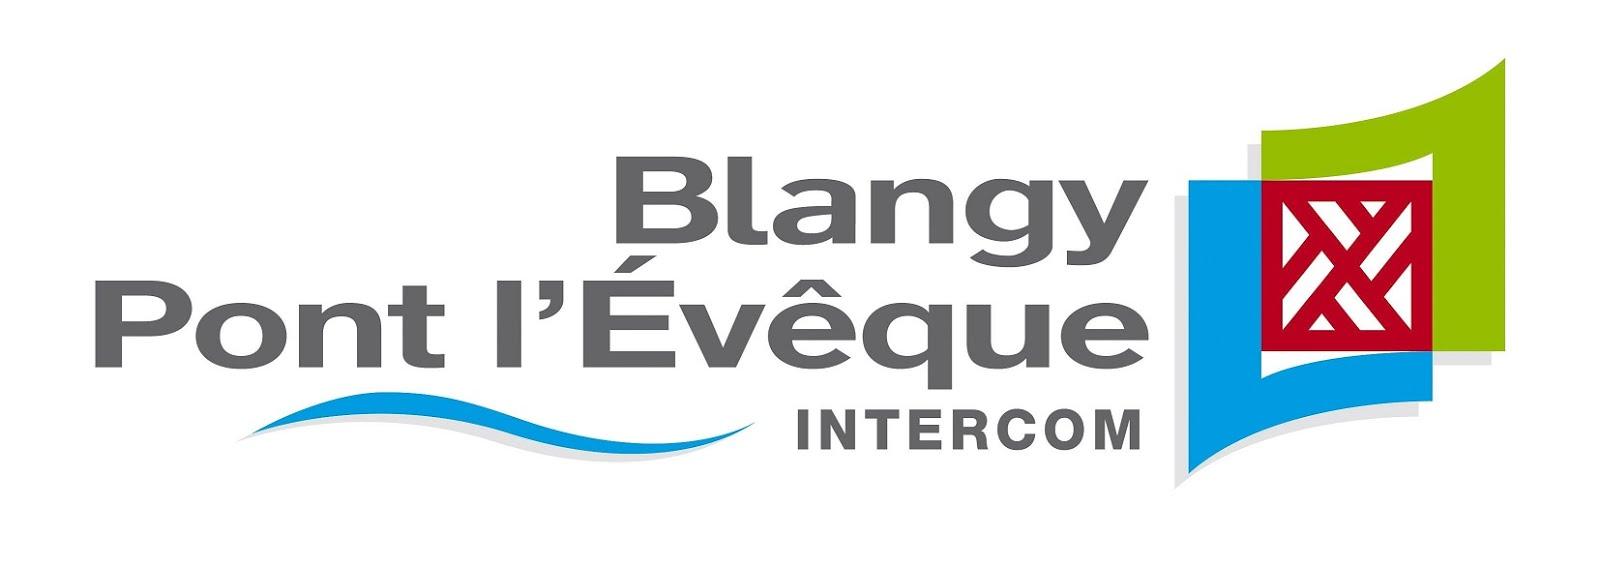 Blangy Pont l'Evêque Intercom